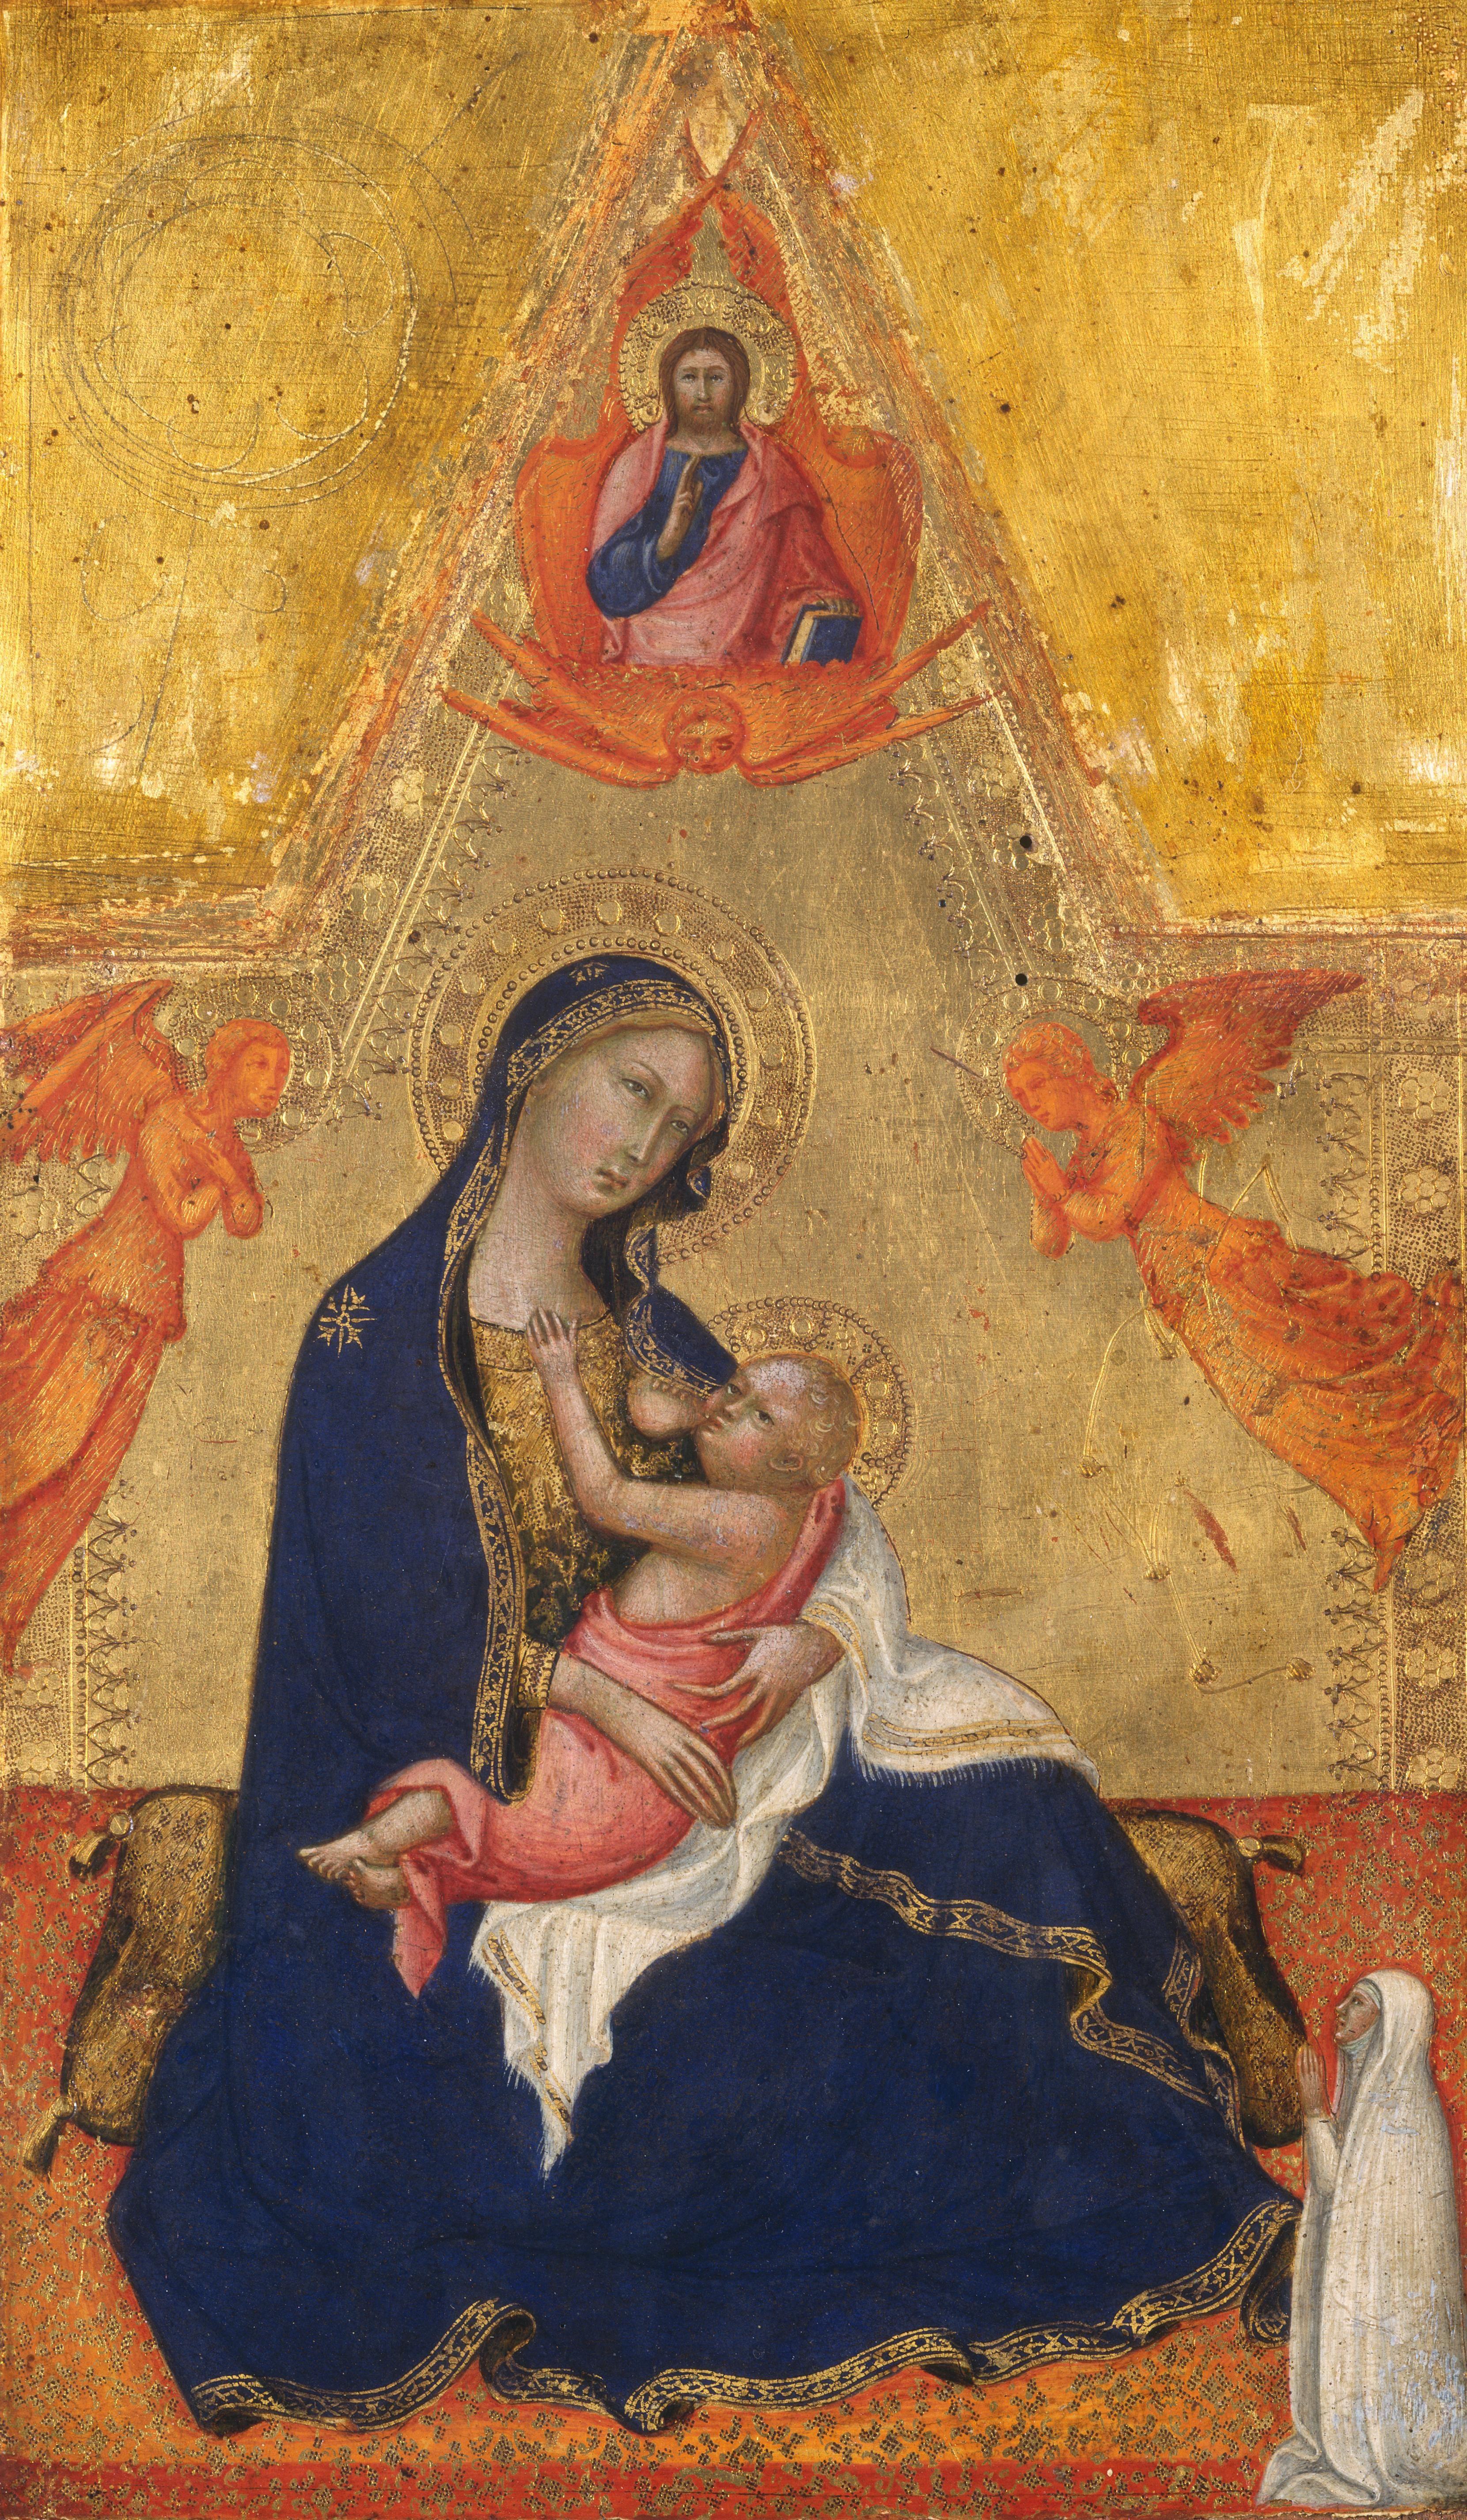 1380-90 Andrea di Bartolo - Madonna dell'Umilta (davanti) National Gallery of Art, Washington revers crucifixon don inconnu